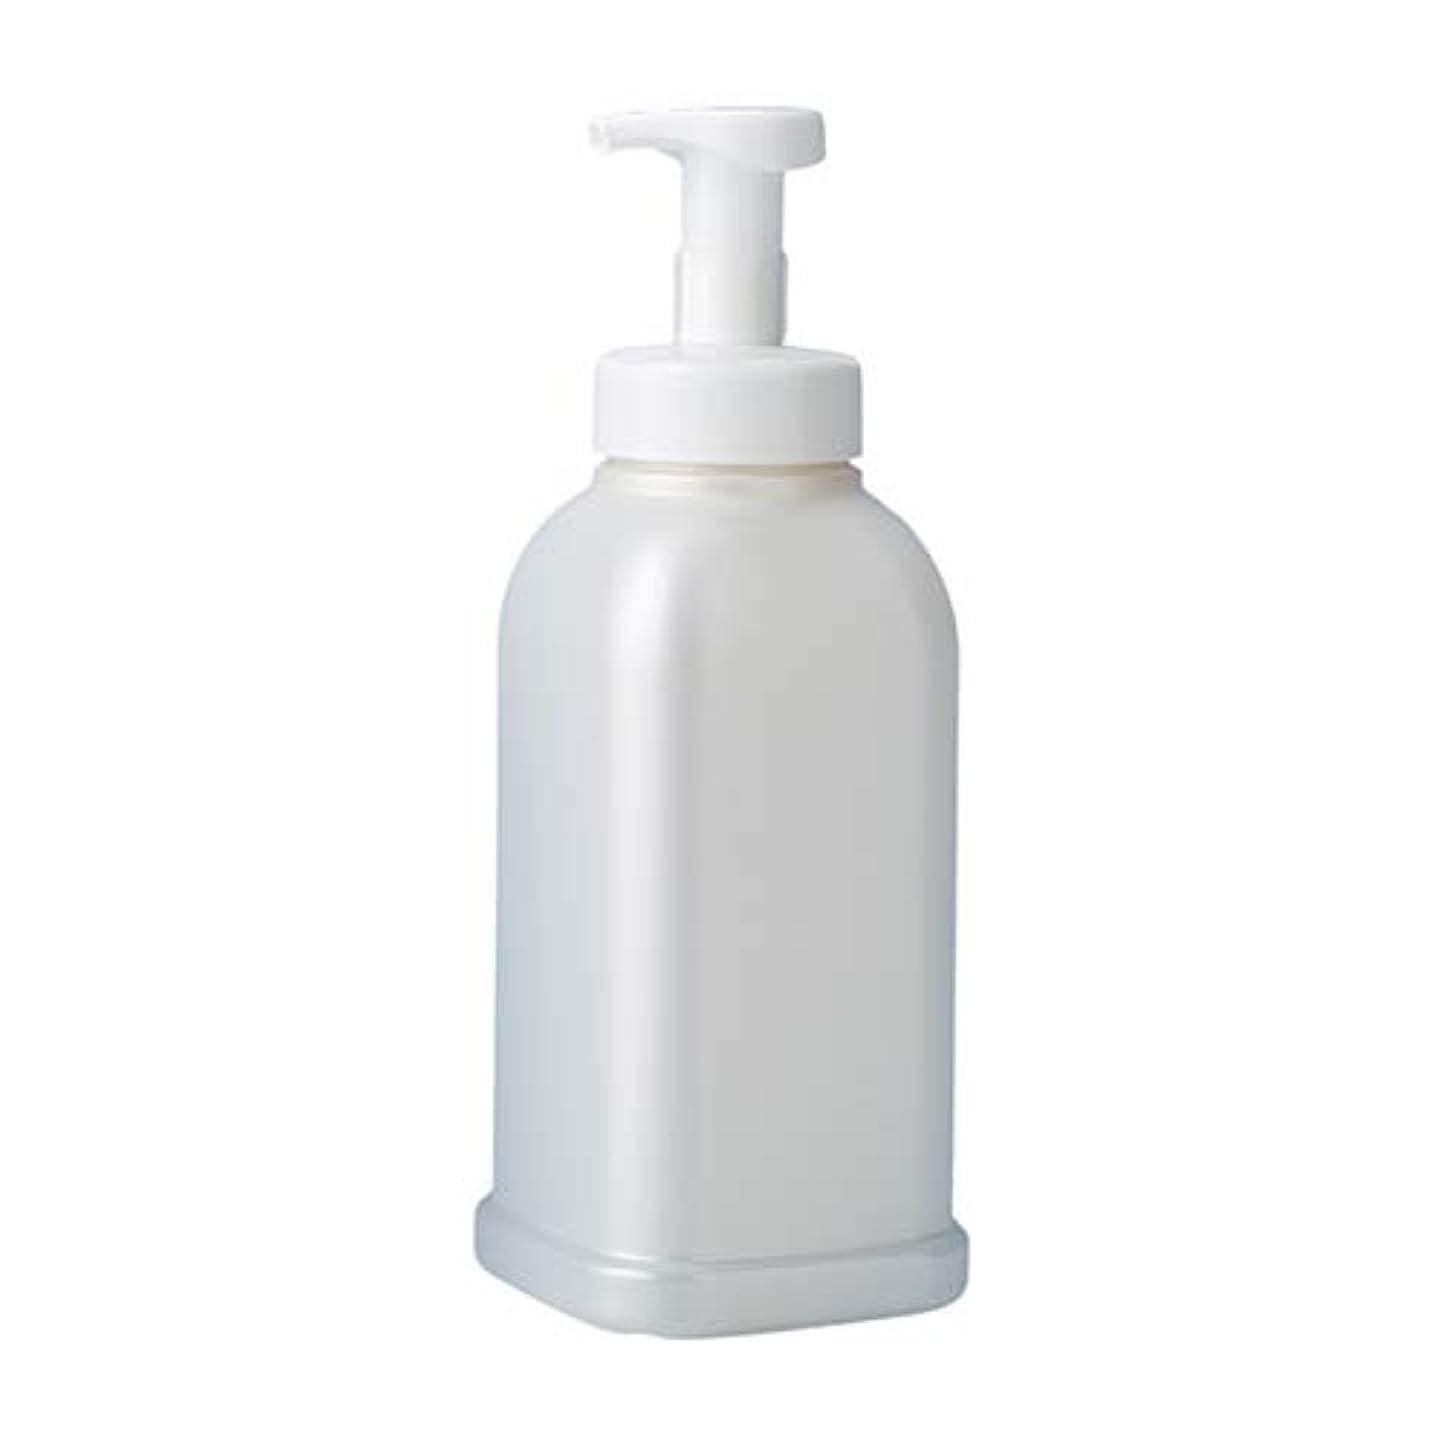 ゲスト恋人ミネラル押すだけで泡が出る 安定感のある 泡ポンプボトル ボディソープ ハンドソープ 1.2L詰め替え容器 パールホワイト